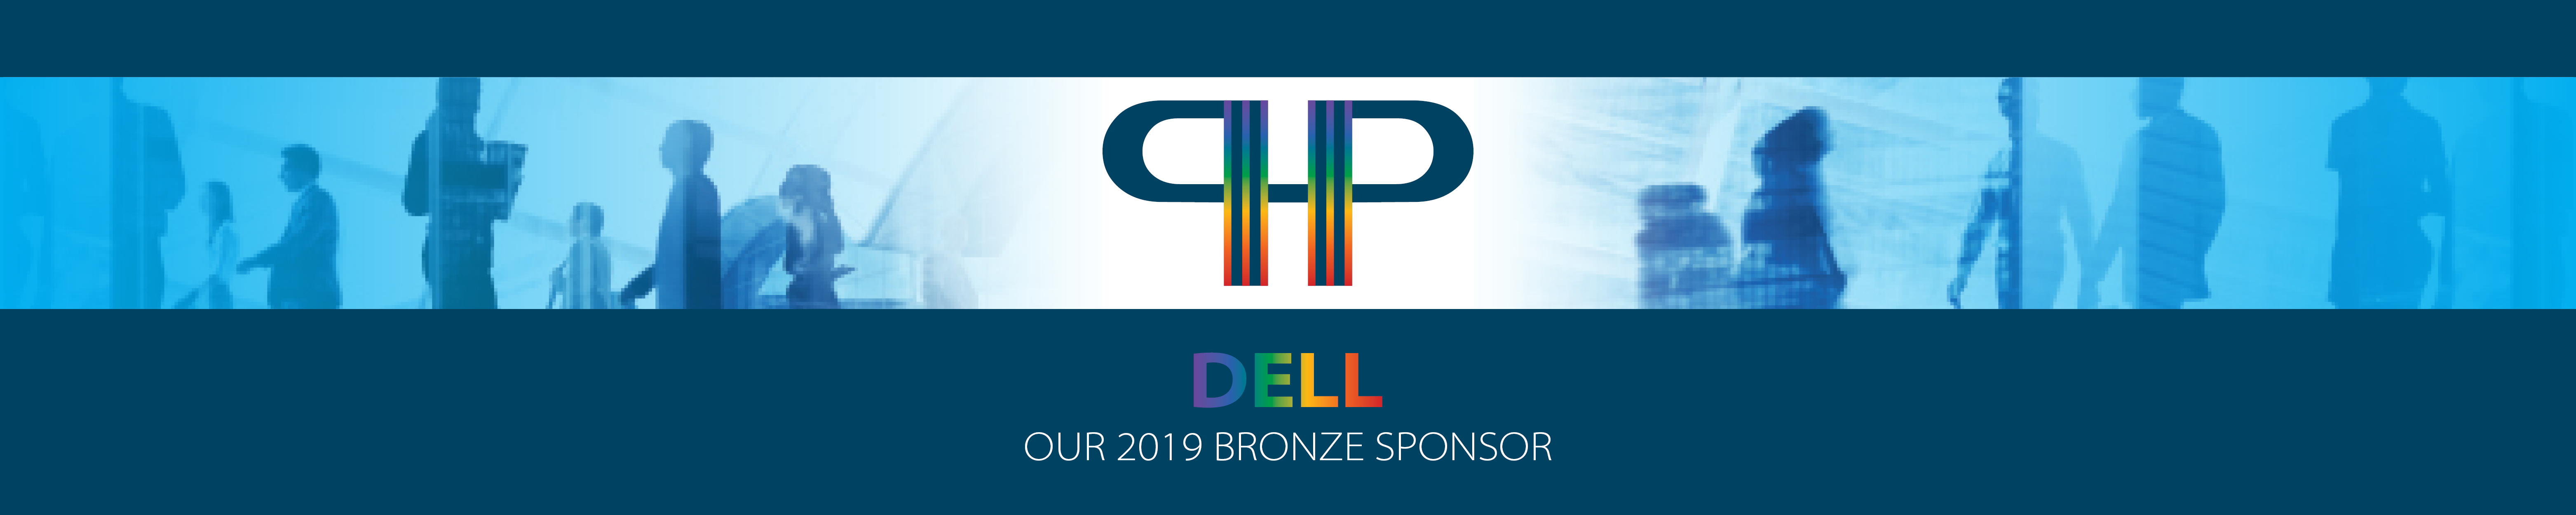 2019_PIP_Dell